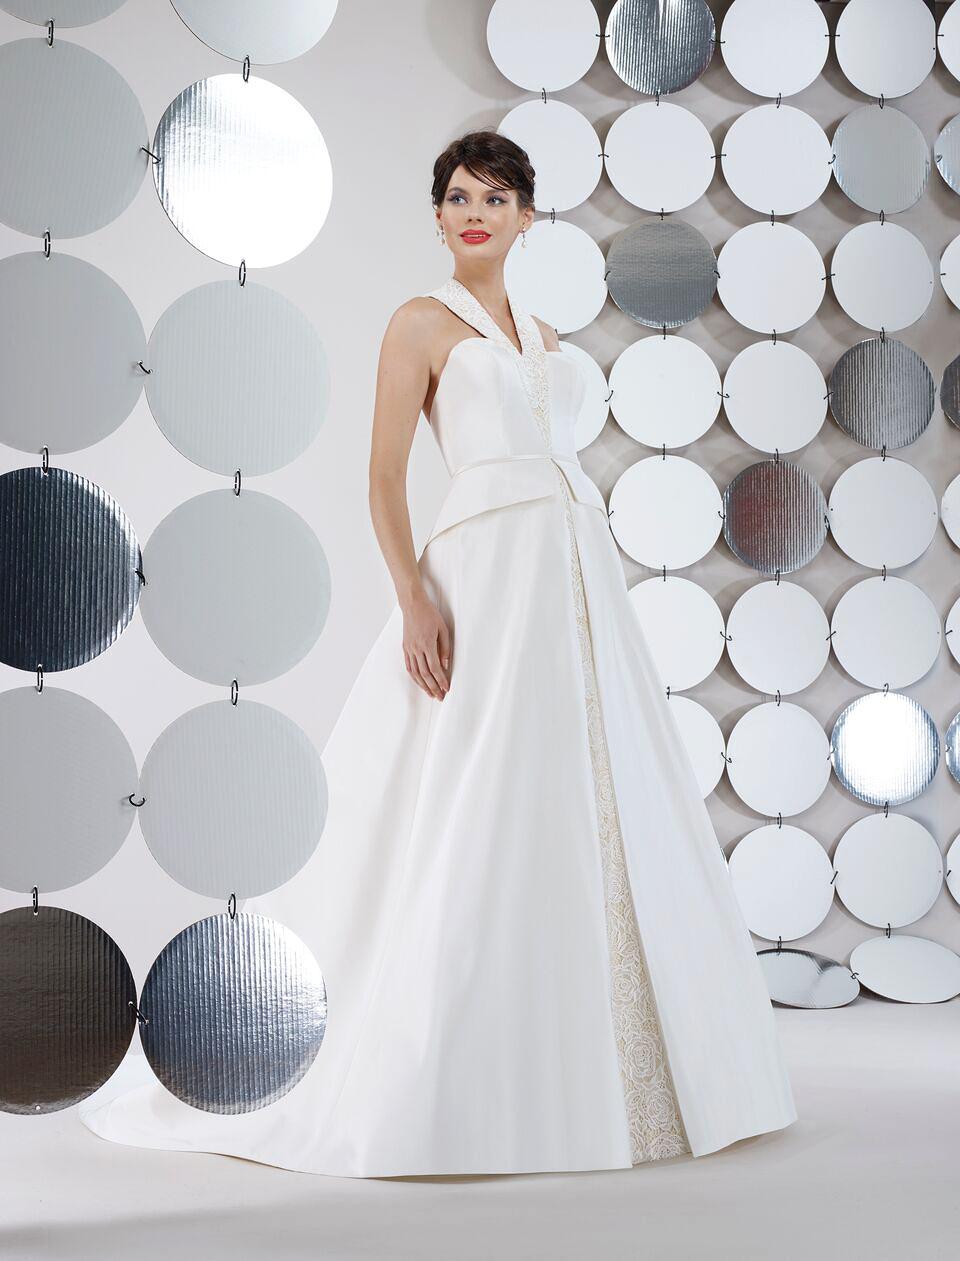 steven birnbaum bridal wedding dress fall 2018 sleeveless peplum ballgown